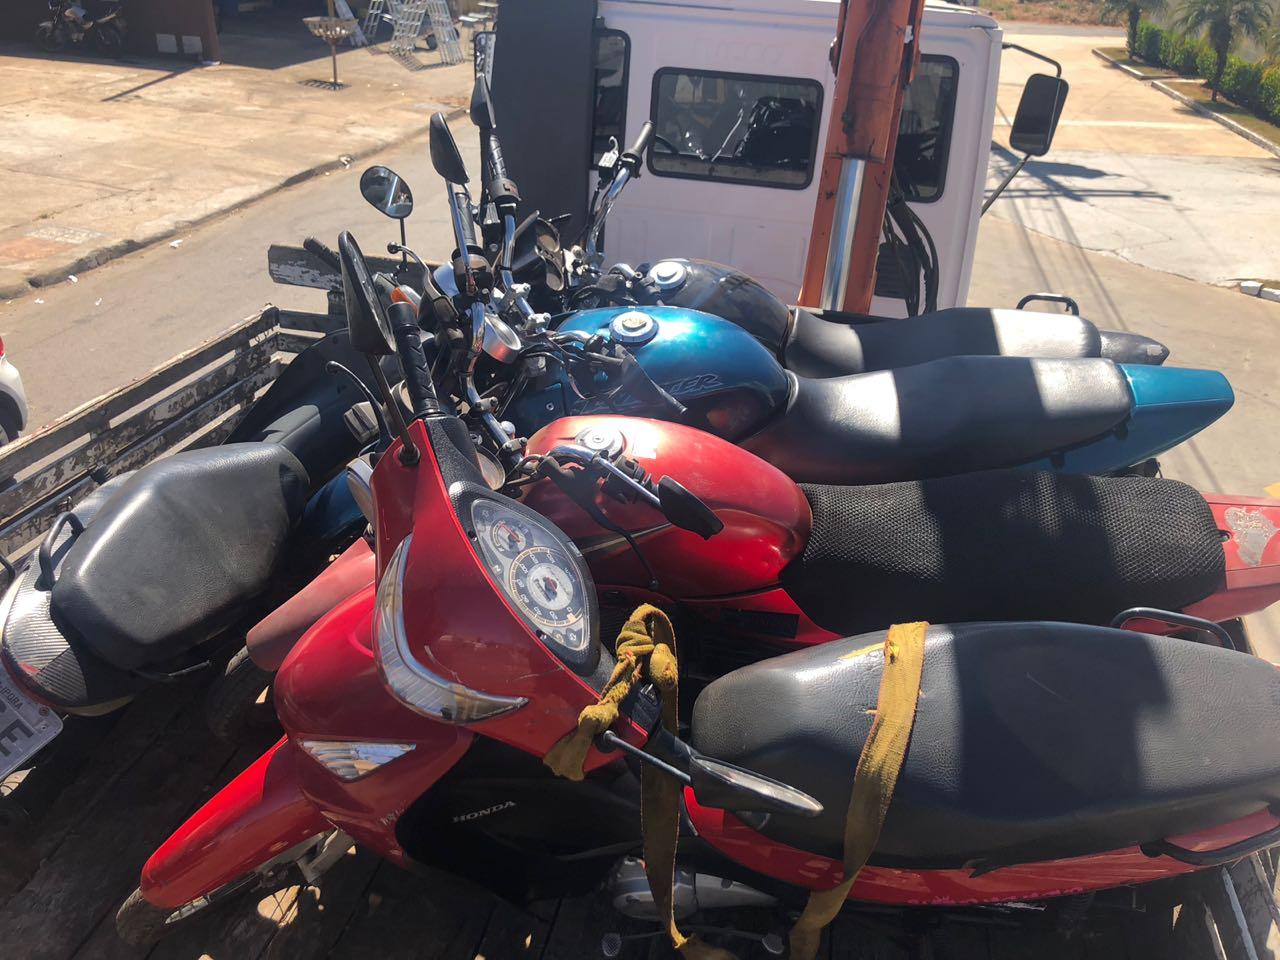 cdb502070ac Policiais se passam por clientes e prendem homem que vendia motos roubadas